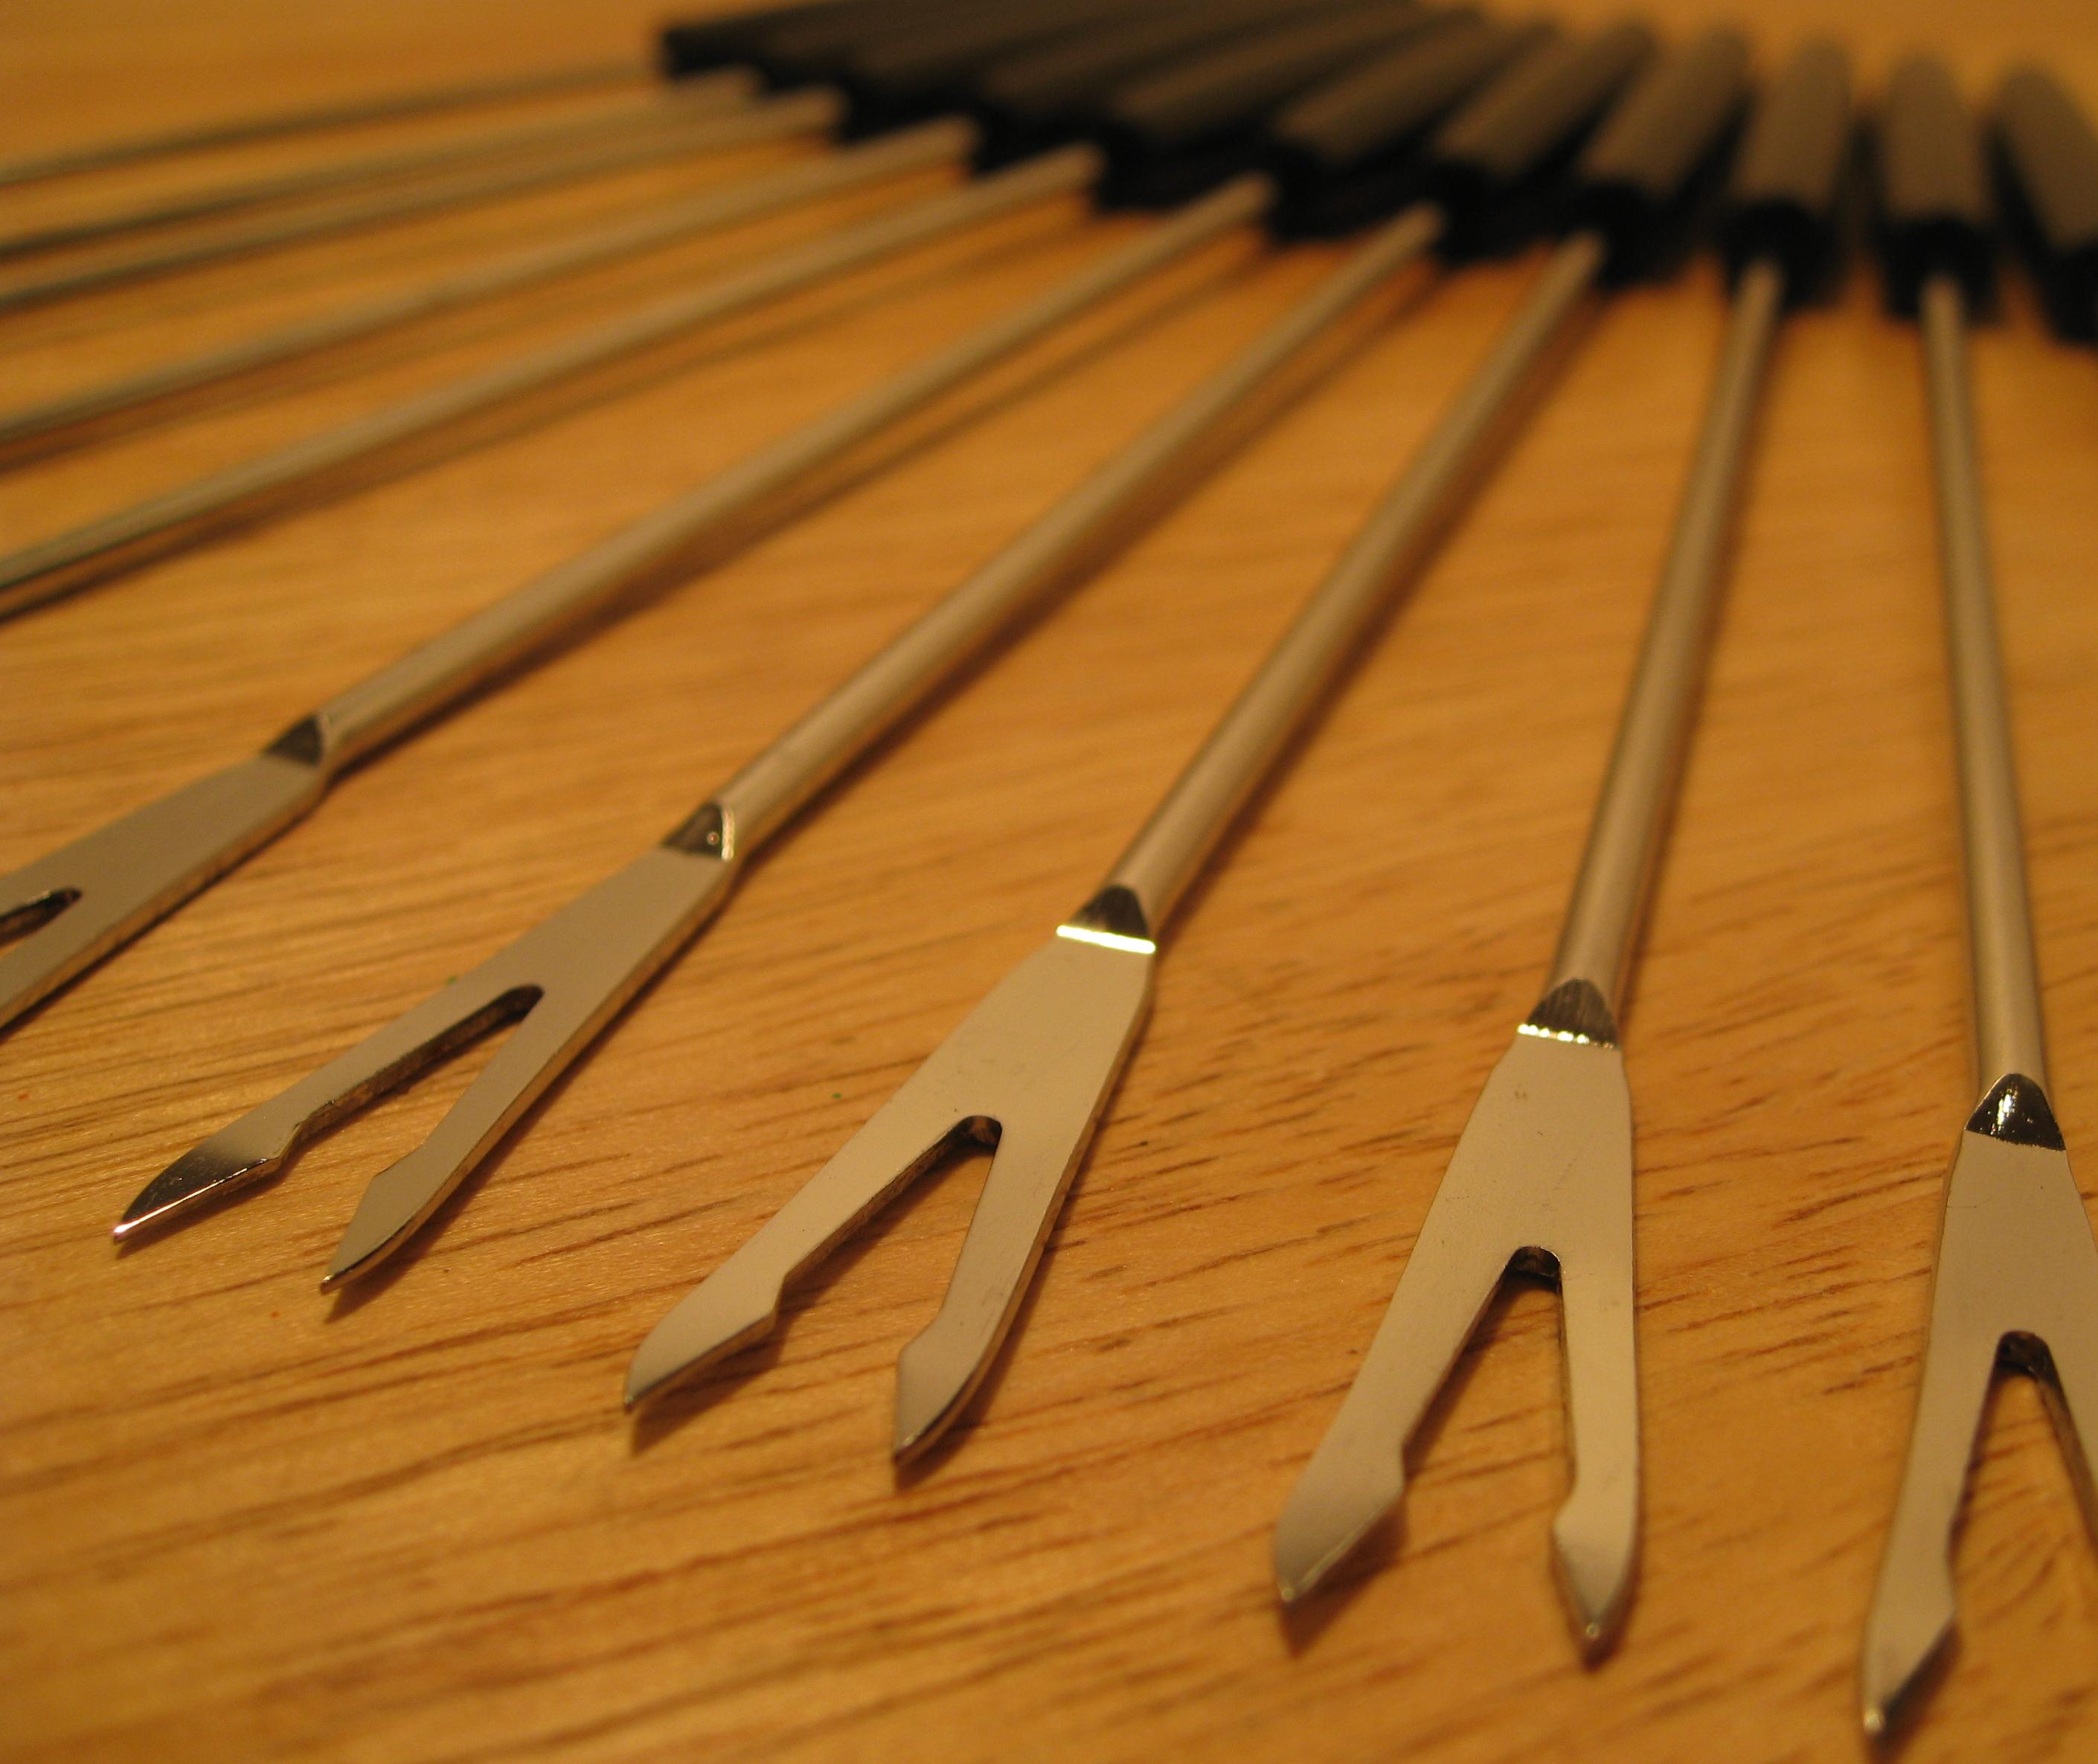 fondue-forks.jpg